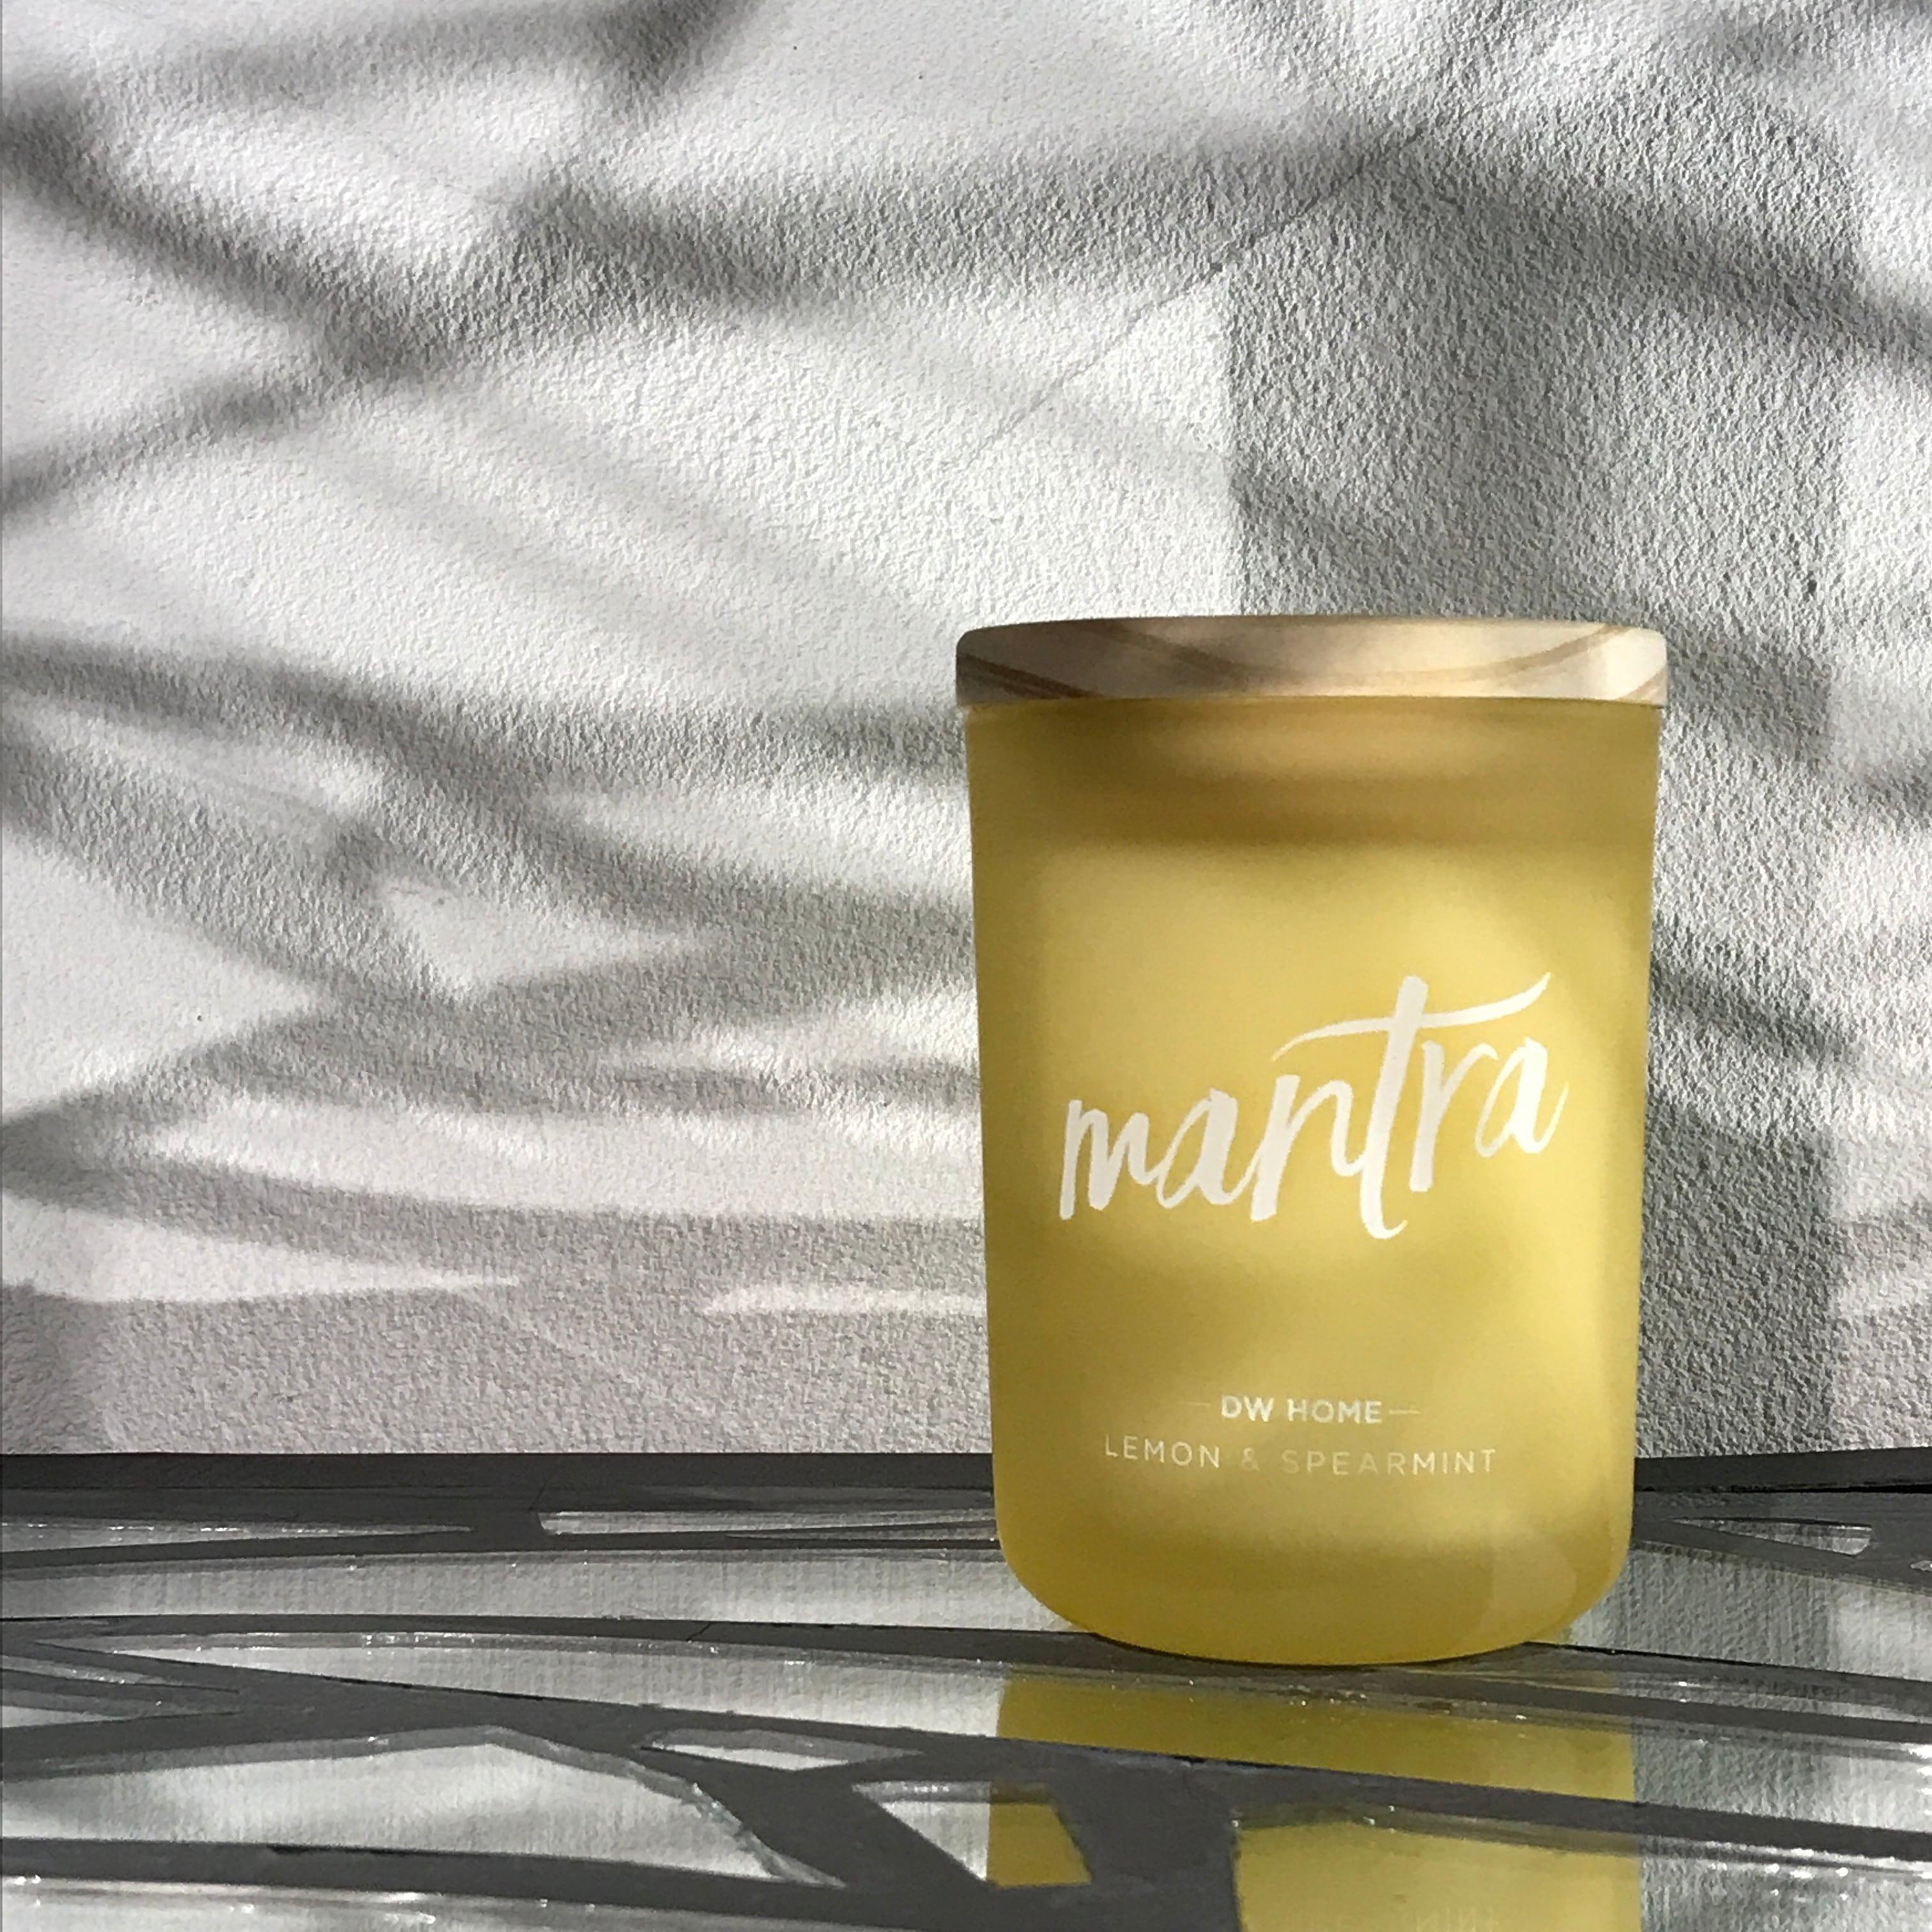 【DW Home Candles】mantra (LEMON & SPEARMINT)